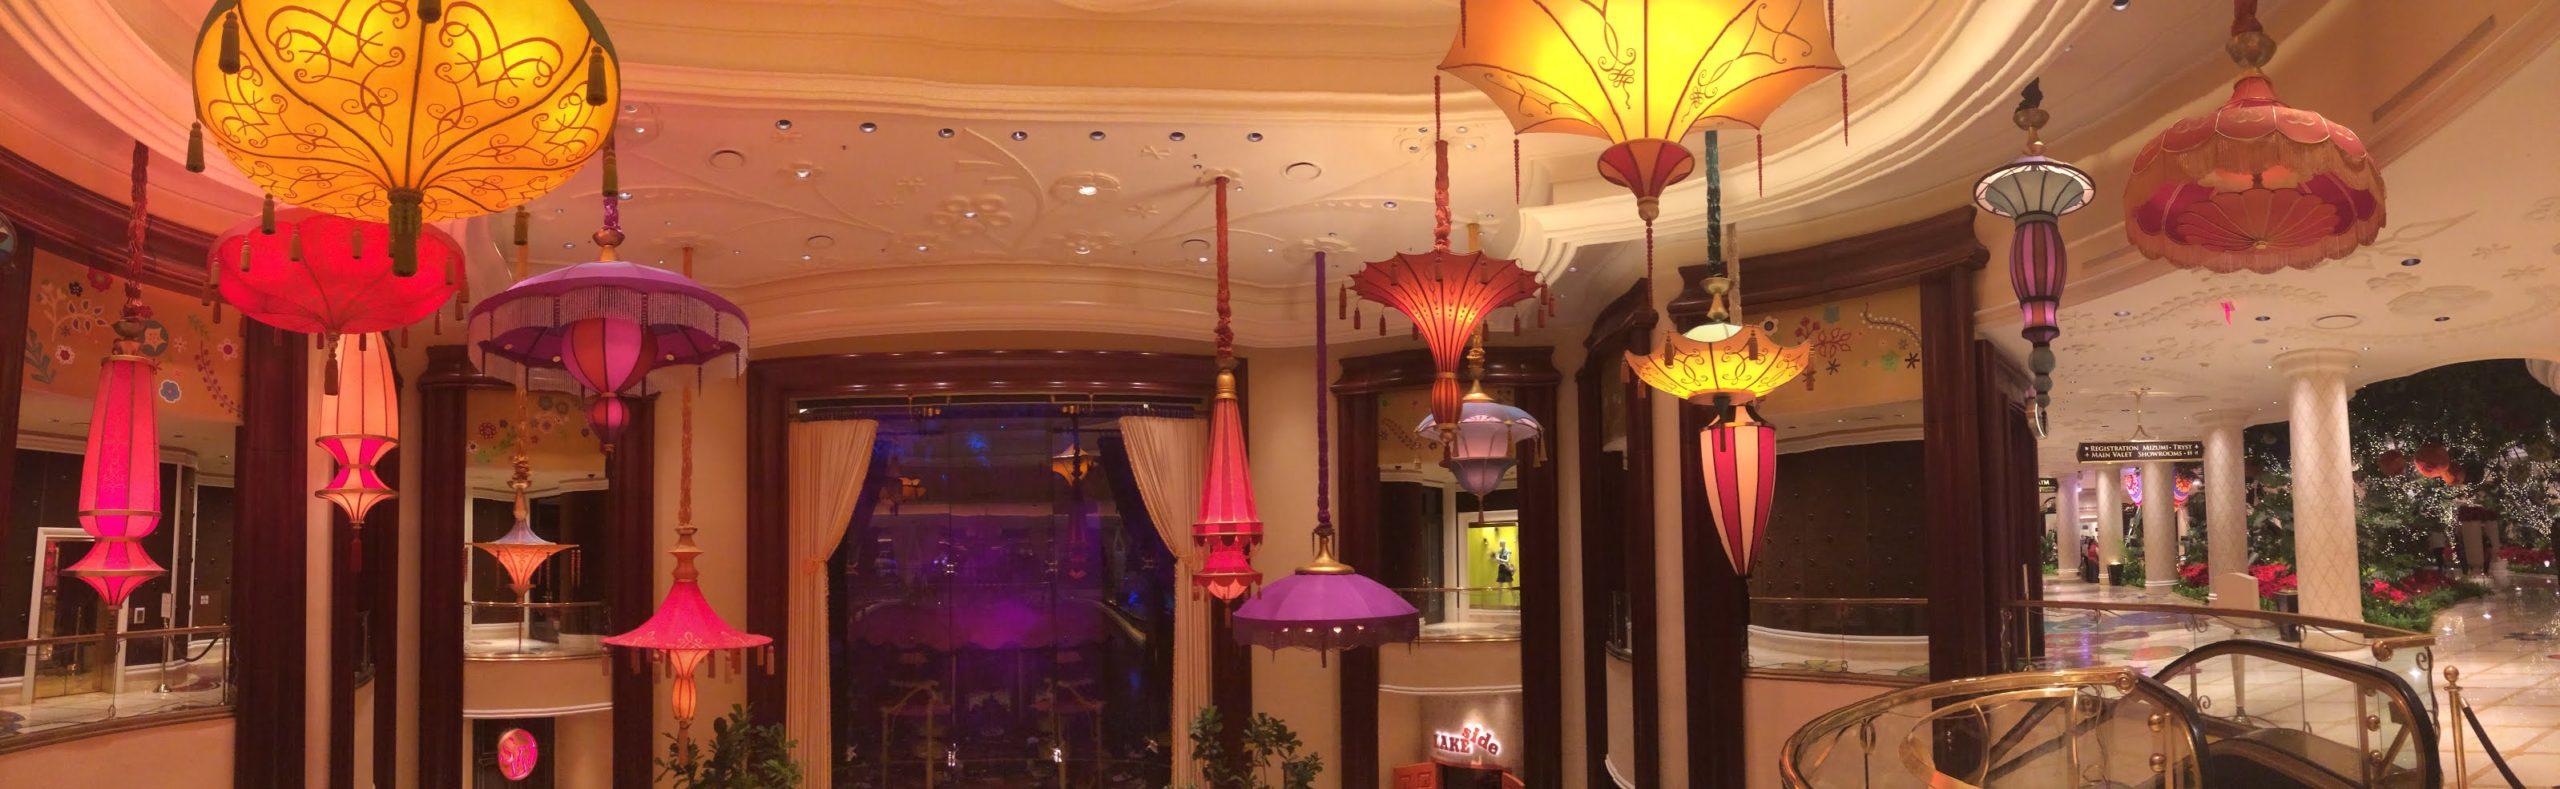 Wynn Hotel Parasols Las Vegas